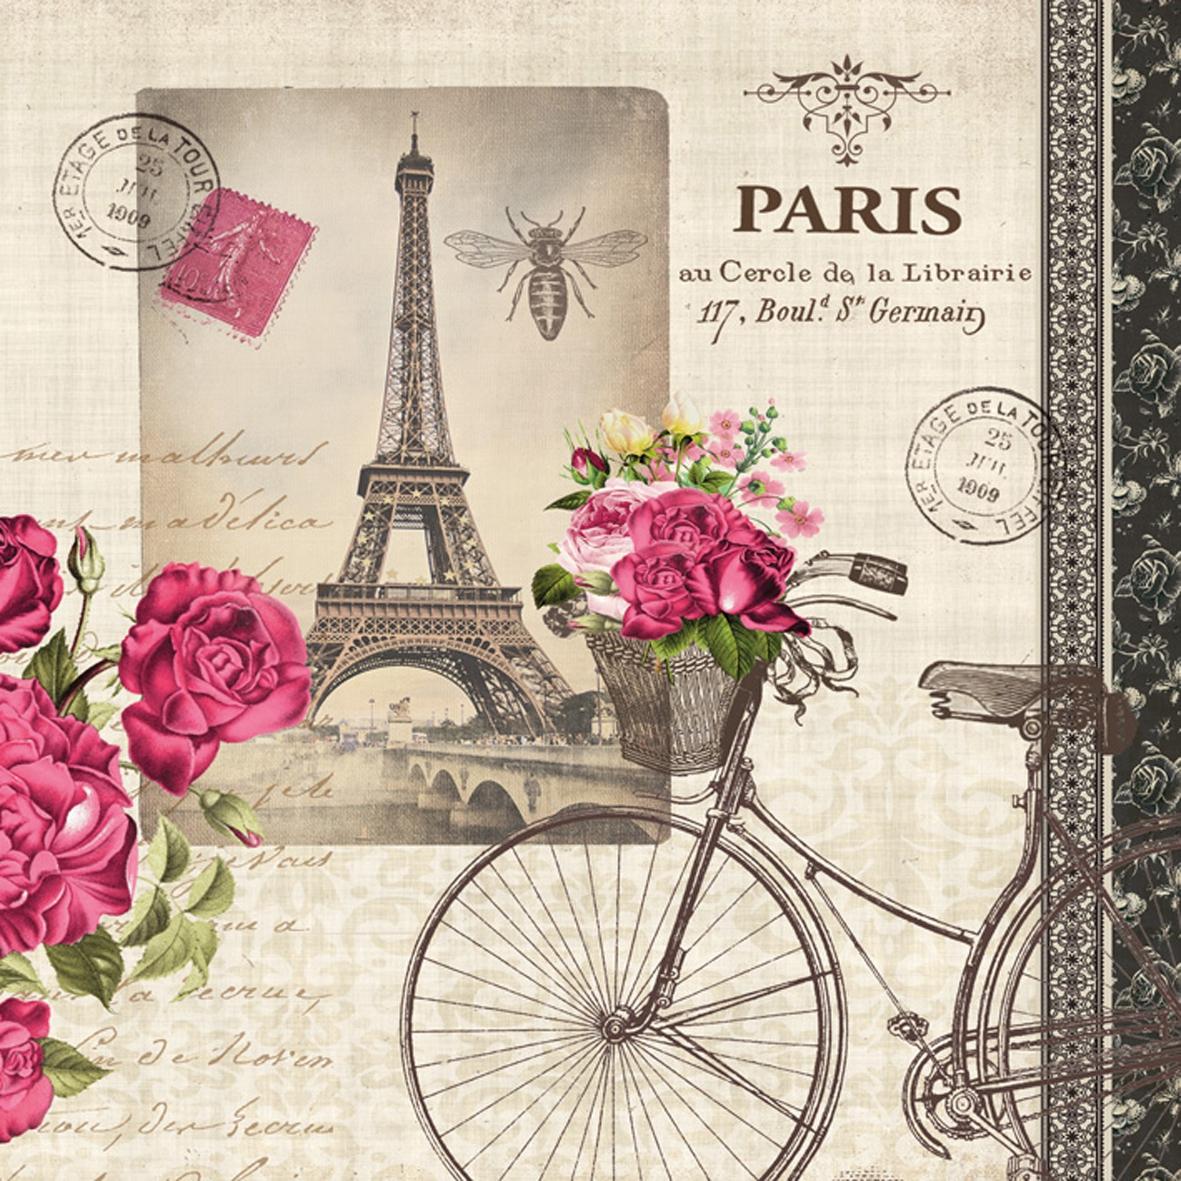 Cocktail Servietten Vélo Parisien,  Fahrzeuge - Fahrräder,  Regionen - Länder - Frankreich,  Everyday,  cocktail servietten,  Eiffelturm,  Paris,  Fahrrad